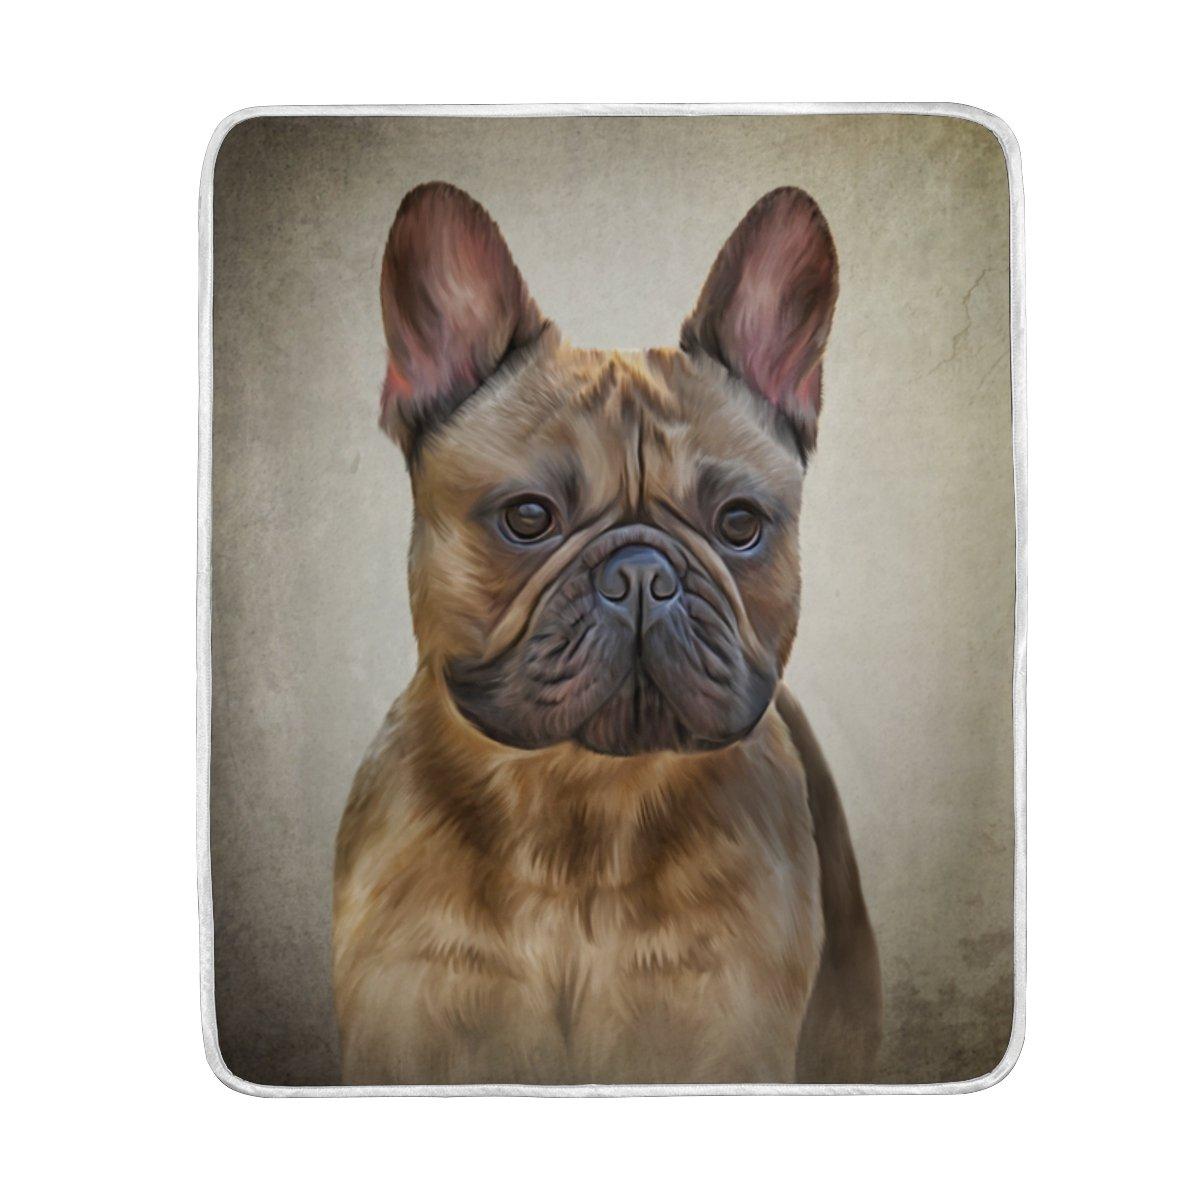 mydaily dibujo perro bulldog francés manta sofá cama manta microfibra de poliéster ligero suave y cálida manta 50 x 60 inch: Amazon.es: Hogar